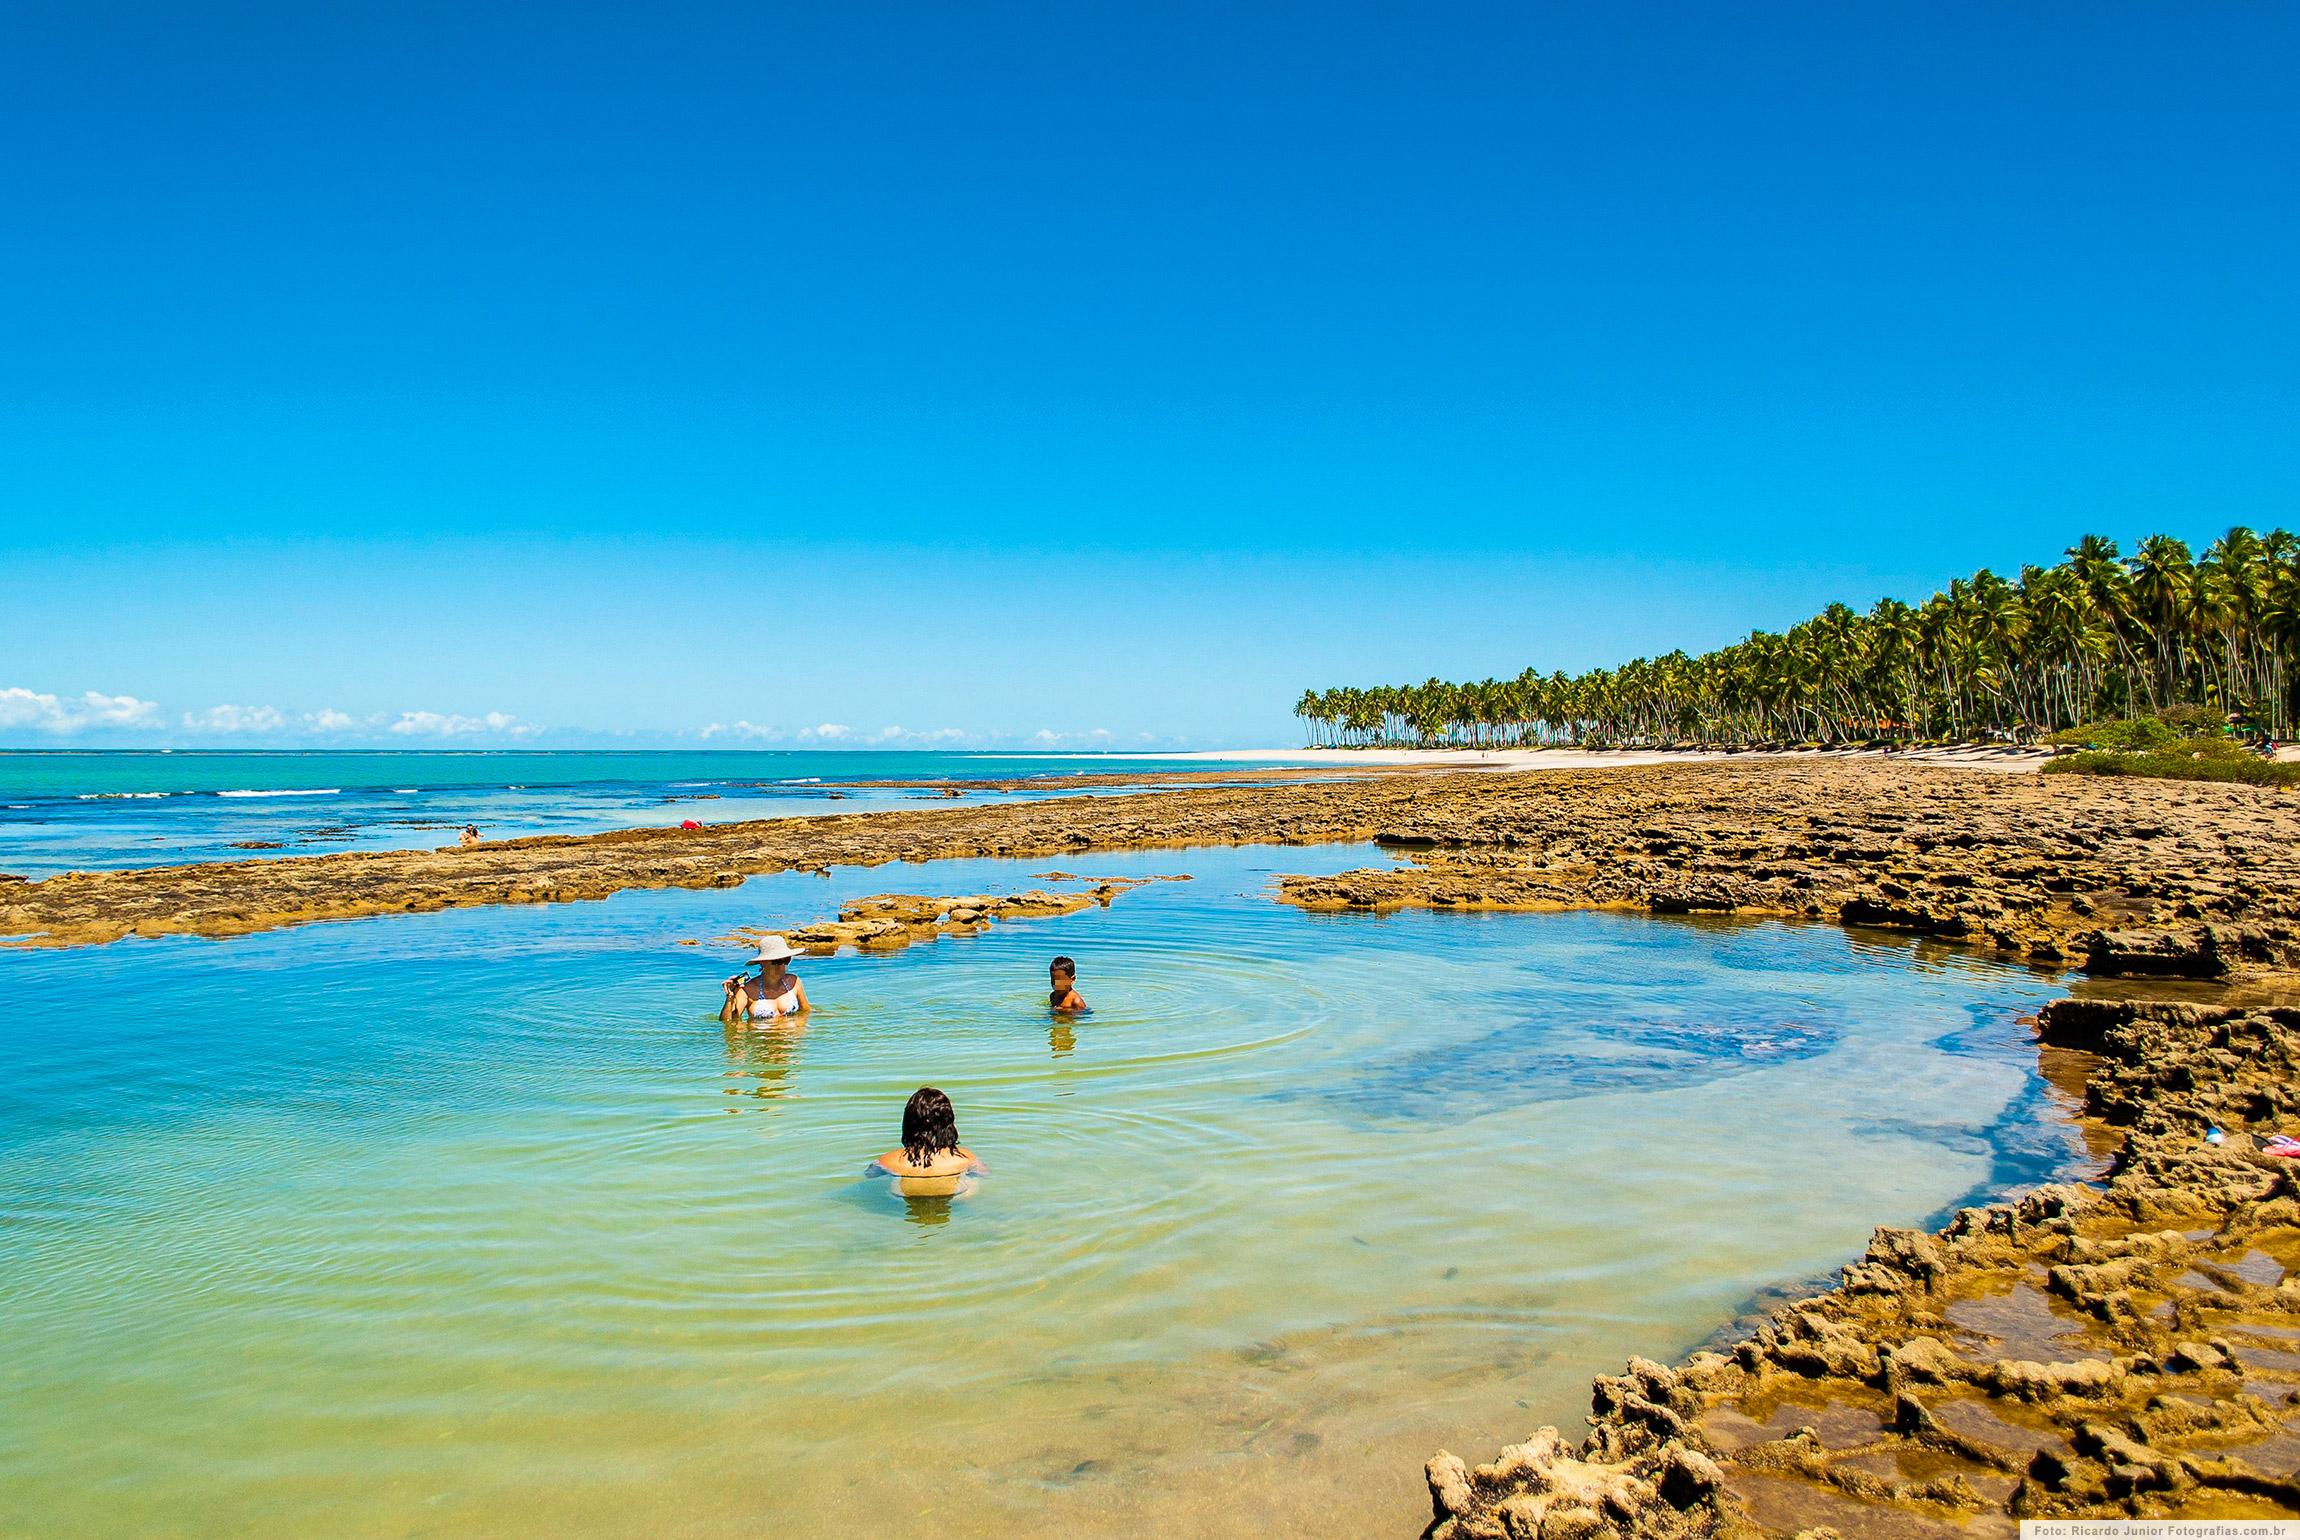 Piscinas Naturais da Praia dos Carneiros, em Pernambuco